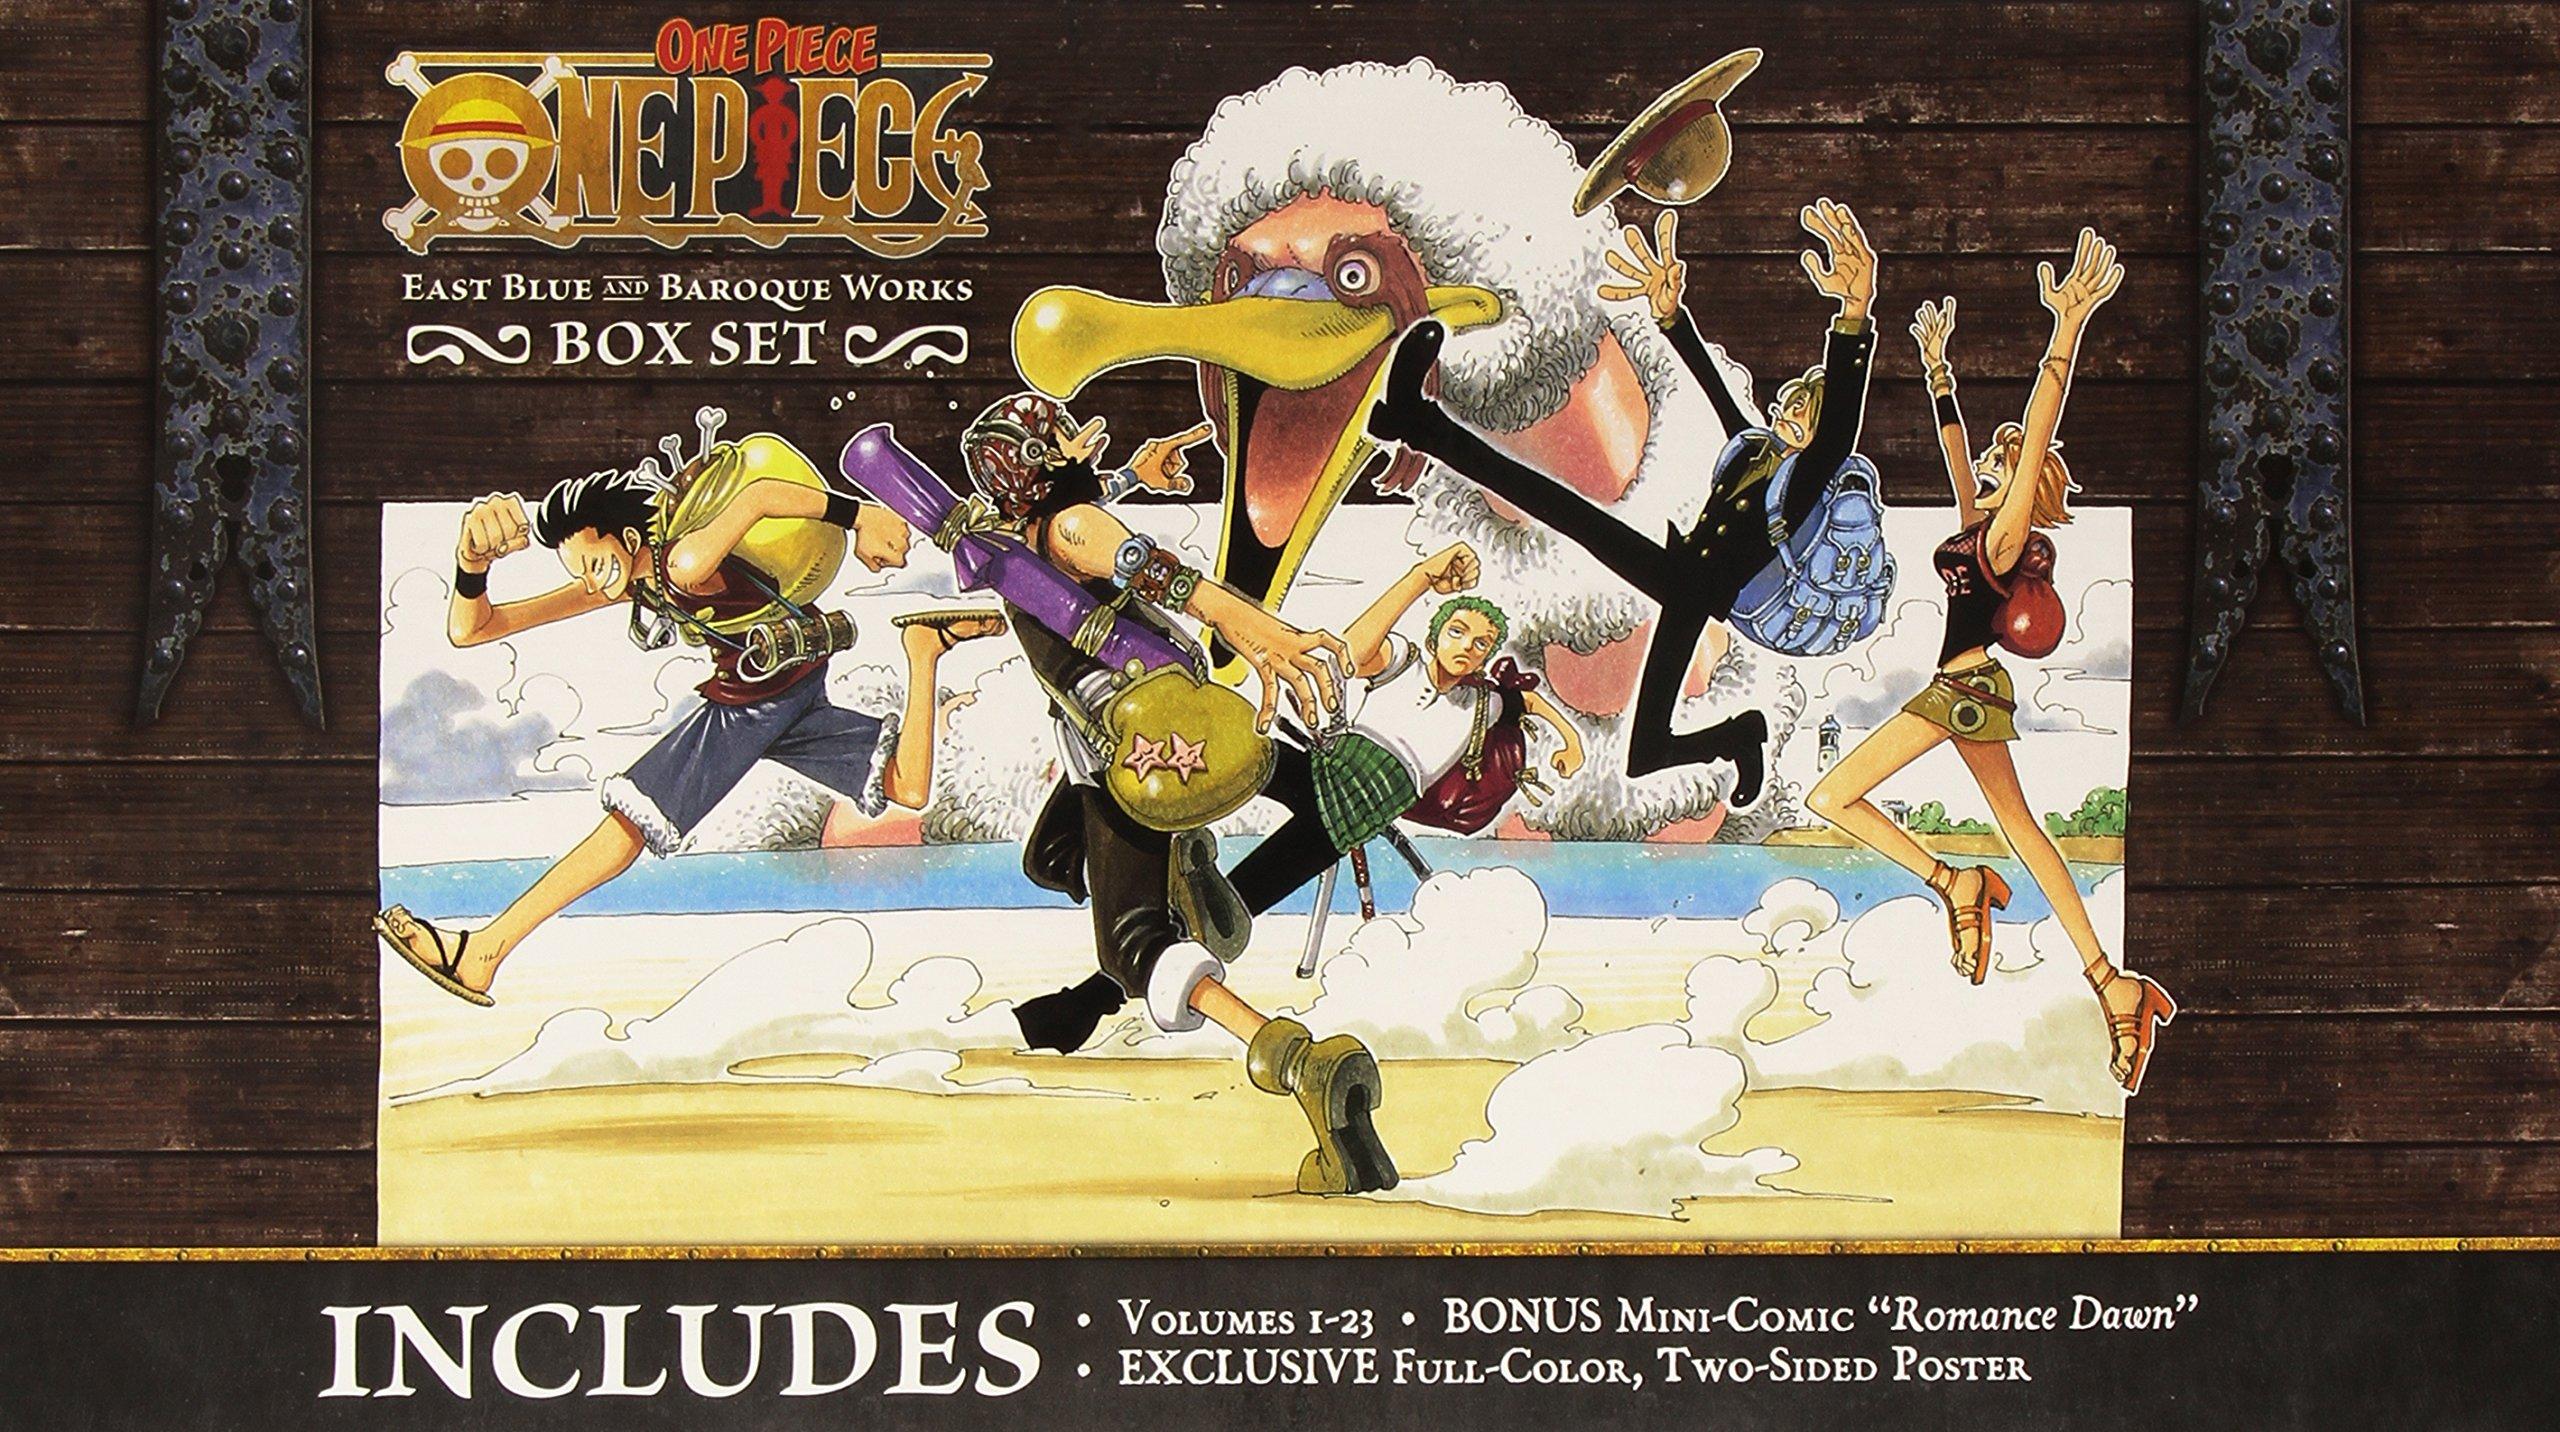 One Piece Box Set Volume 1 [Idioma Inglés]: Amazon.es: Oda, Eiichiro, Oda, Eiichiro: Libros en idiomas extranjeros